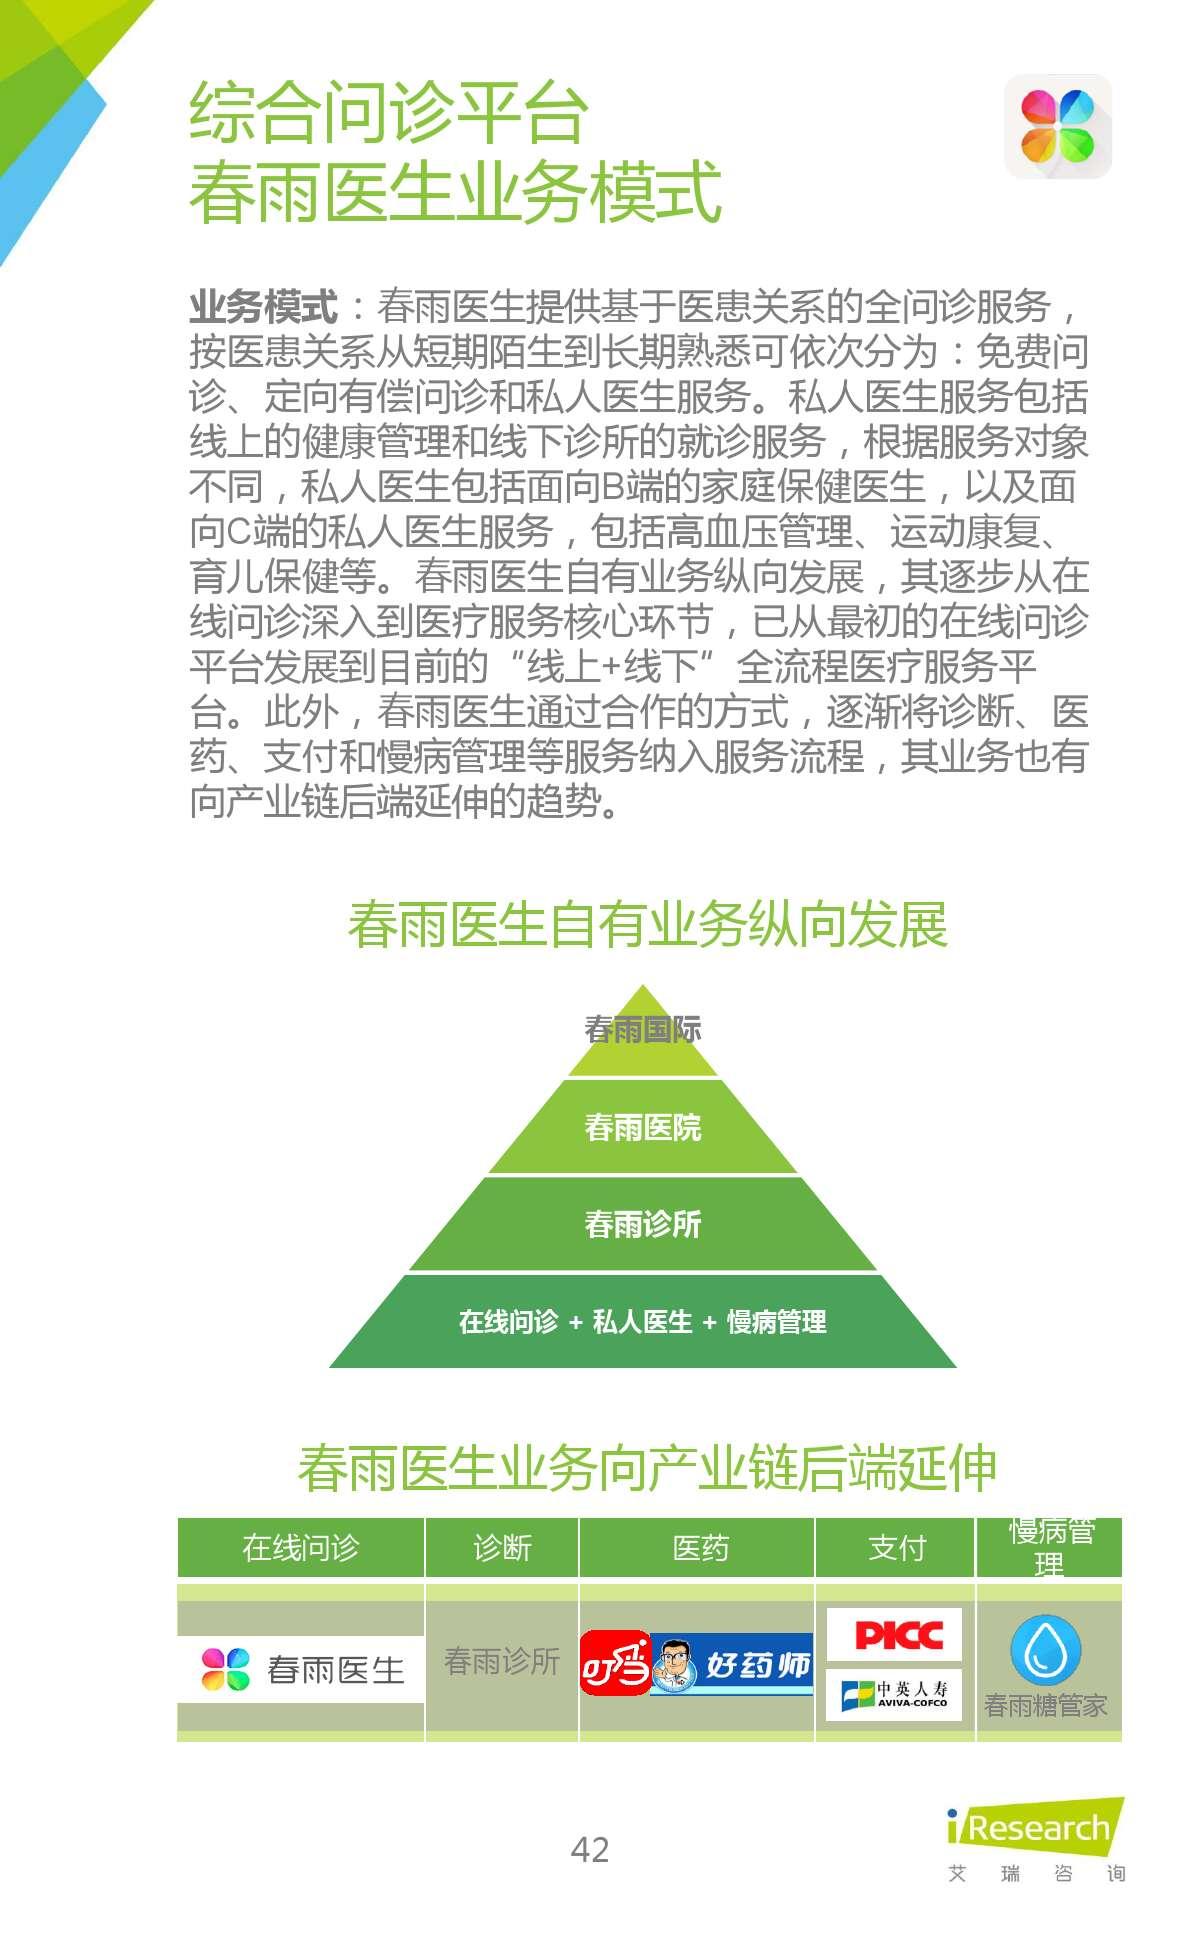 2015年中国在线问诊行业研究报告_000042